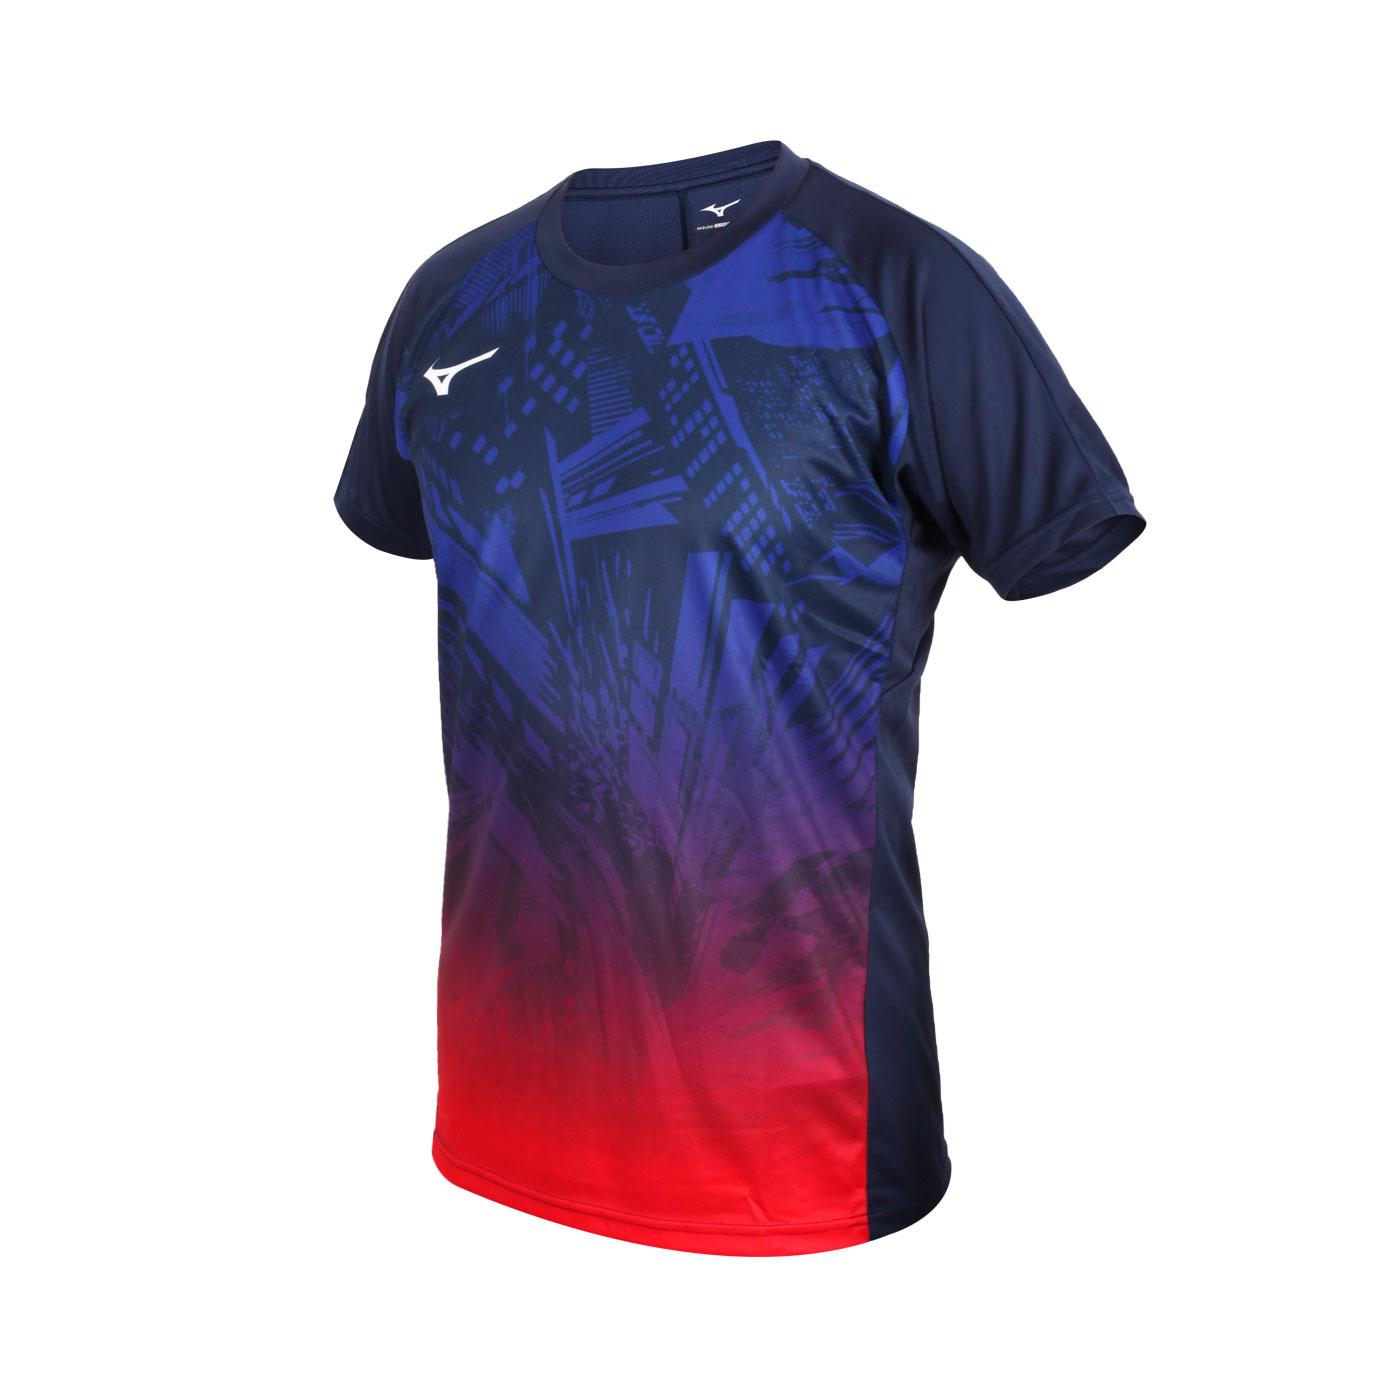 MIZUNO 男款世界大賽短袖T恤 V2MA058714 - 丈青藍紅紫